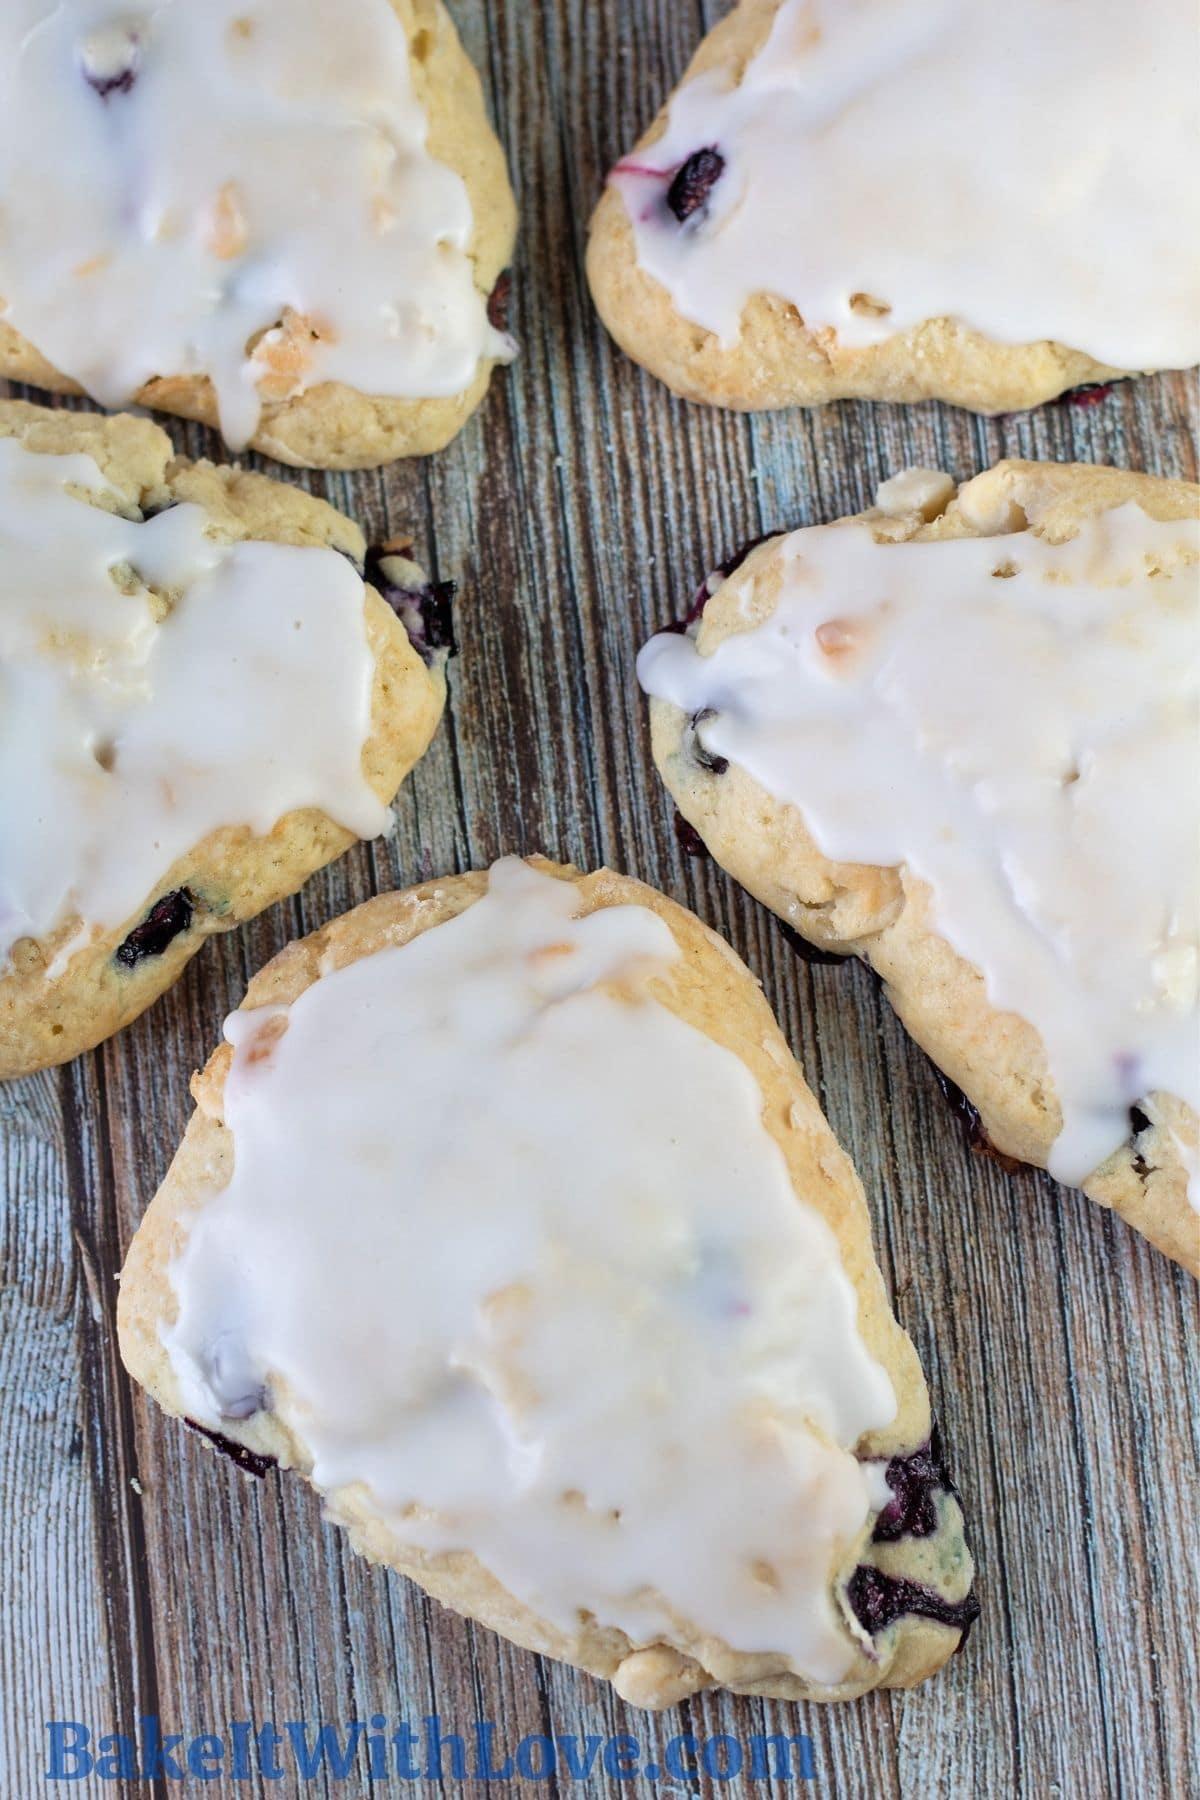 木製の背景にレモンのアイシングと5つのブルーベリーホワイトチョコレートスコーン。